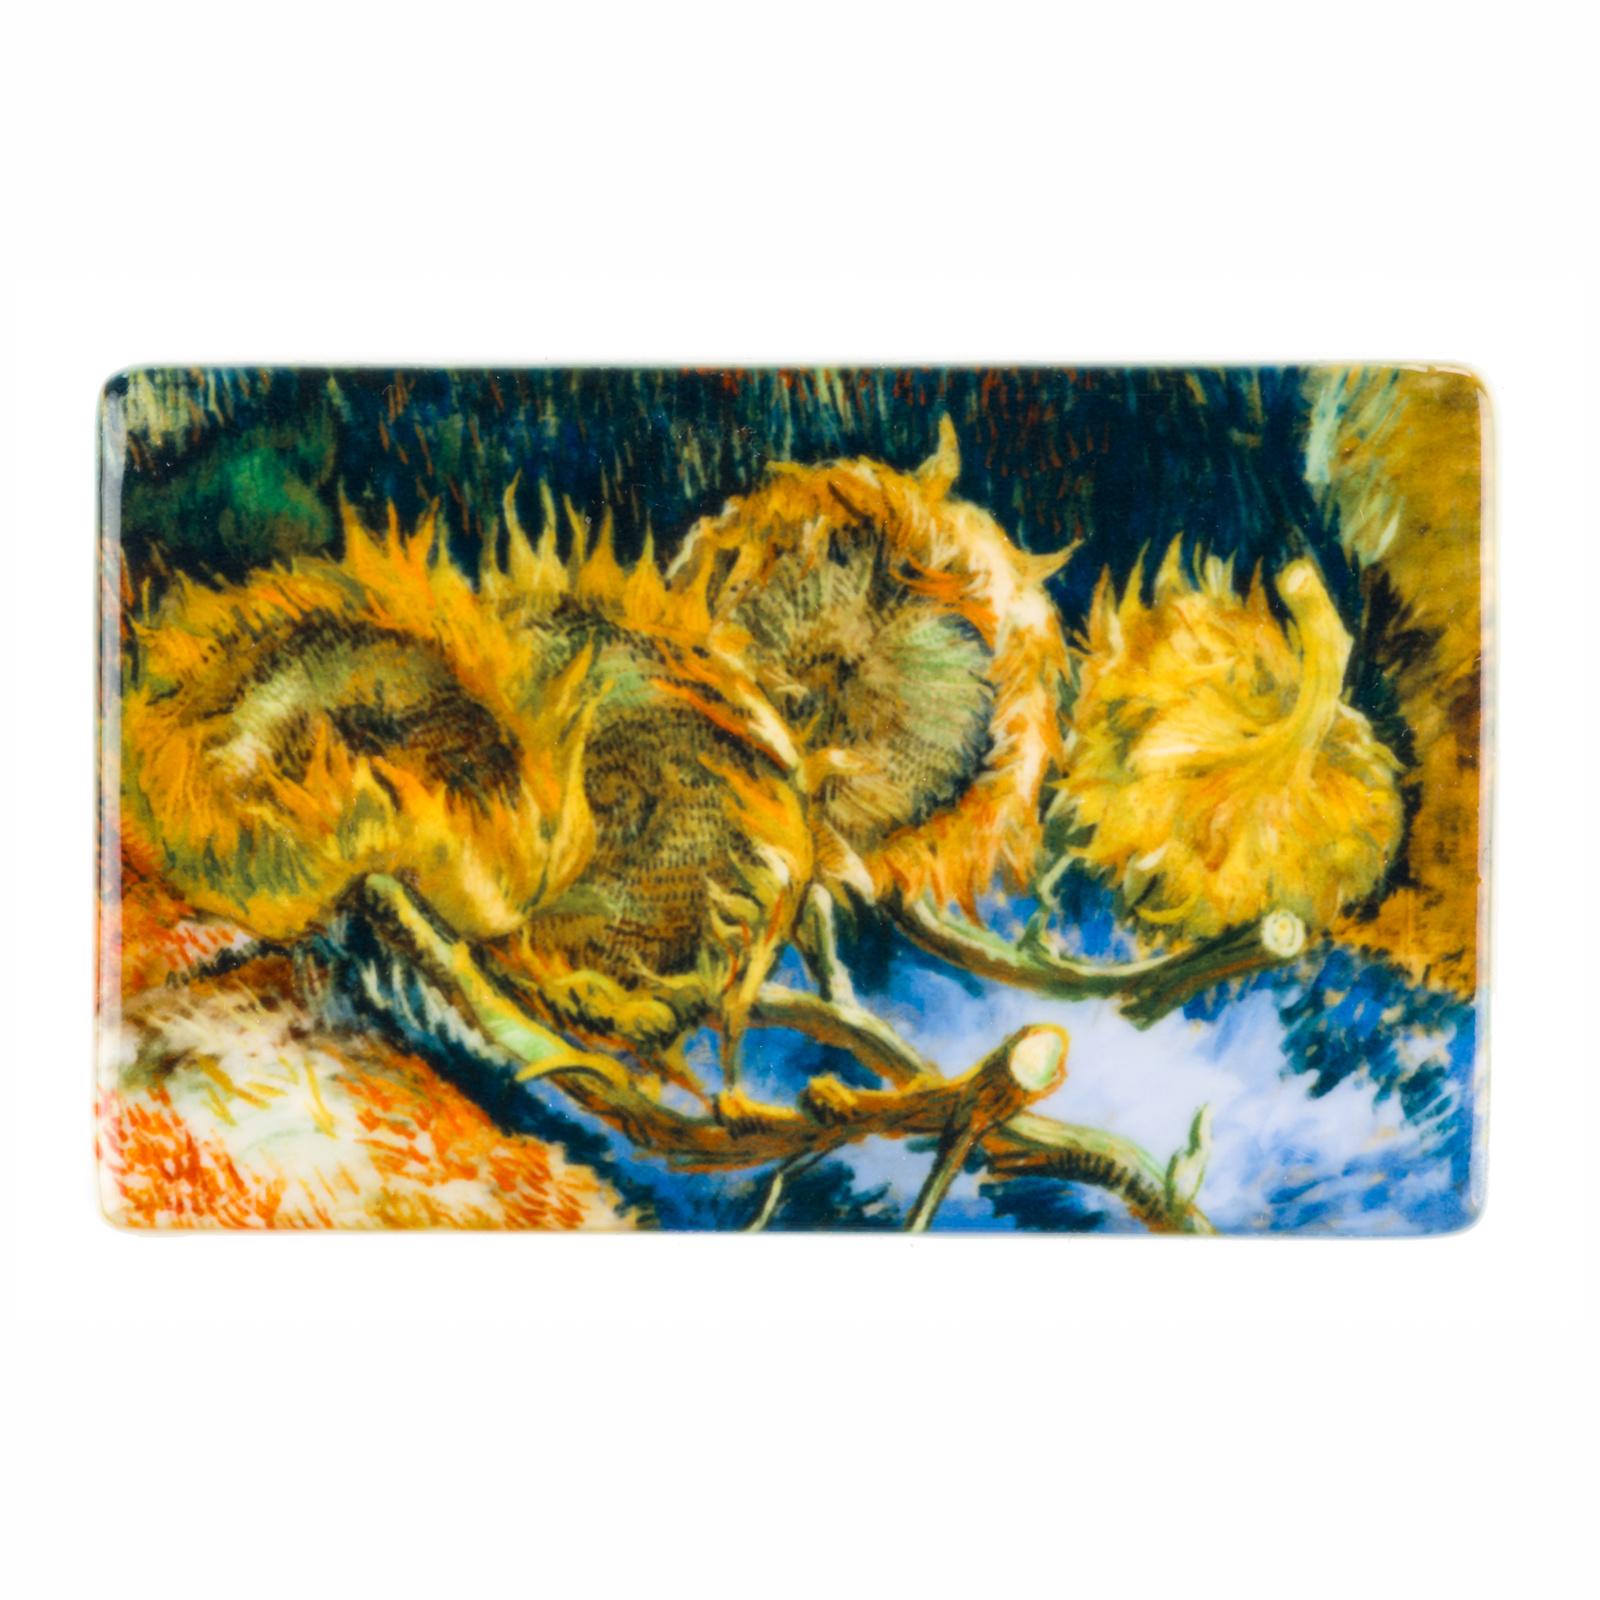 Koelkast magneet Van Gogh Vier uitgebloeide zonnebloemen